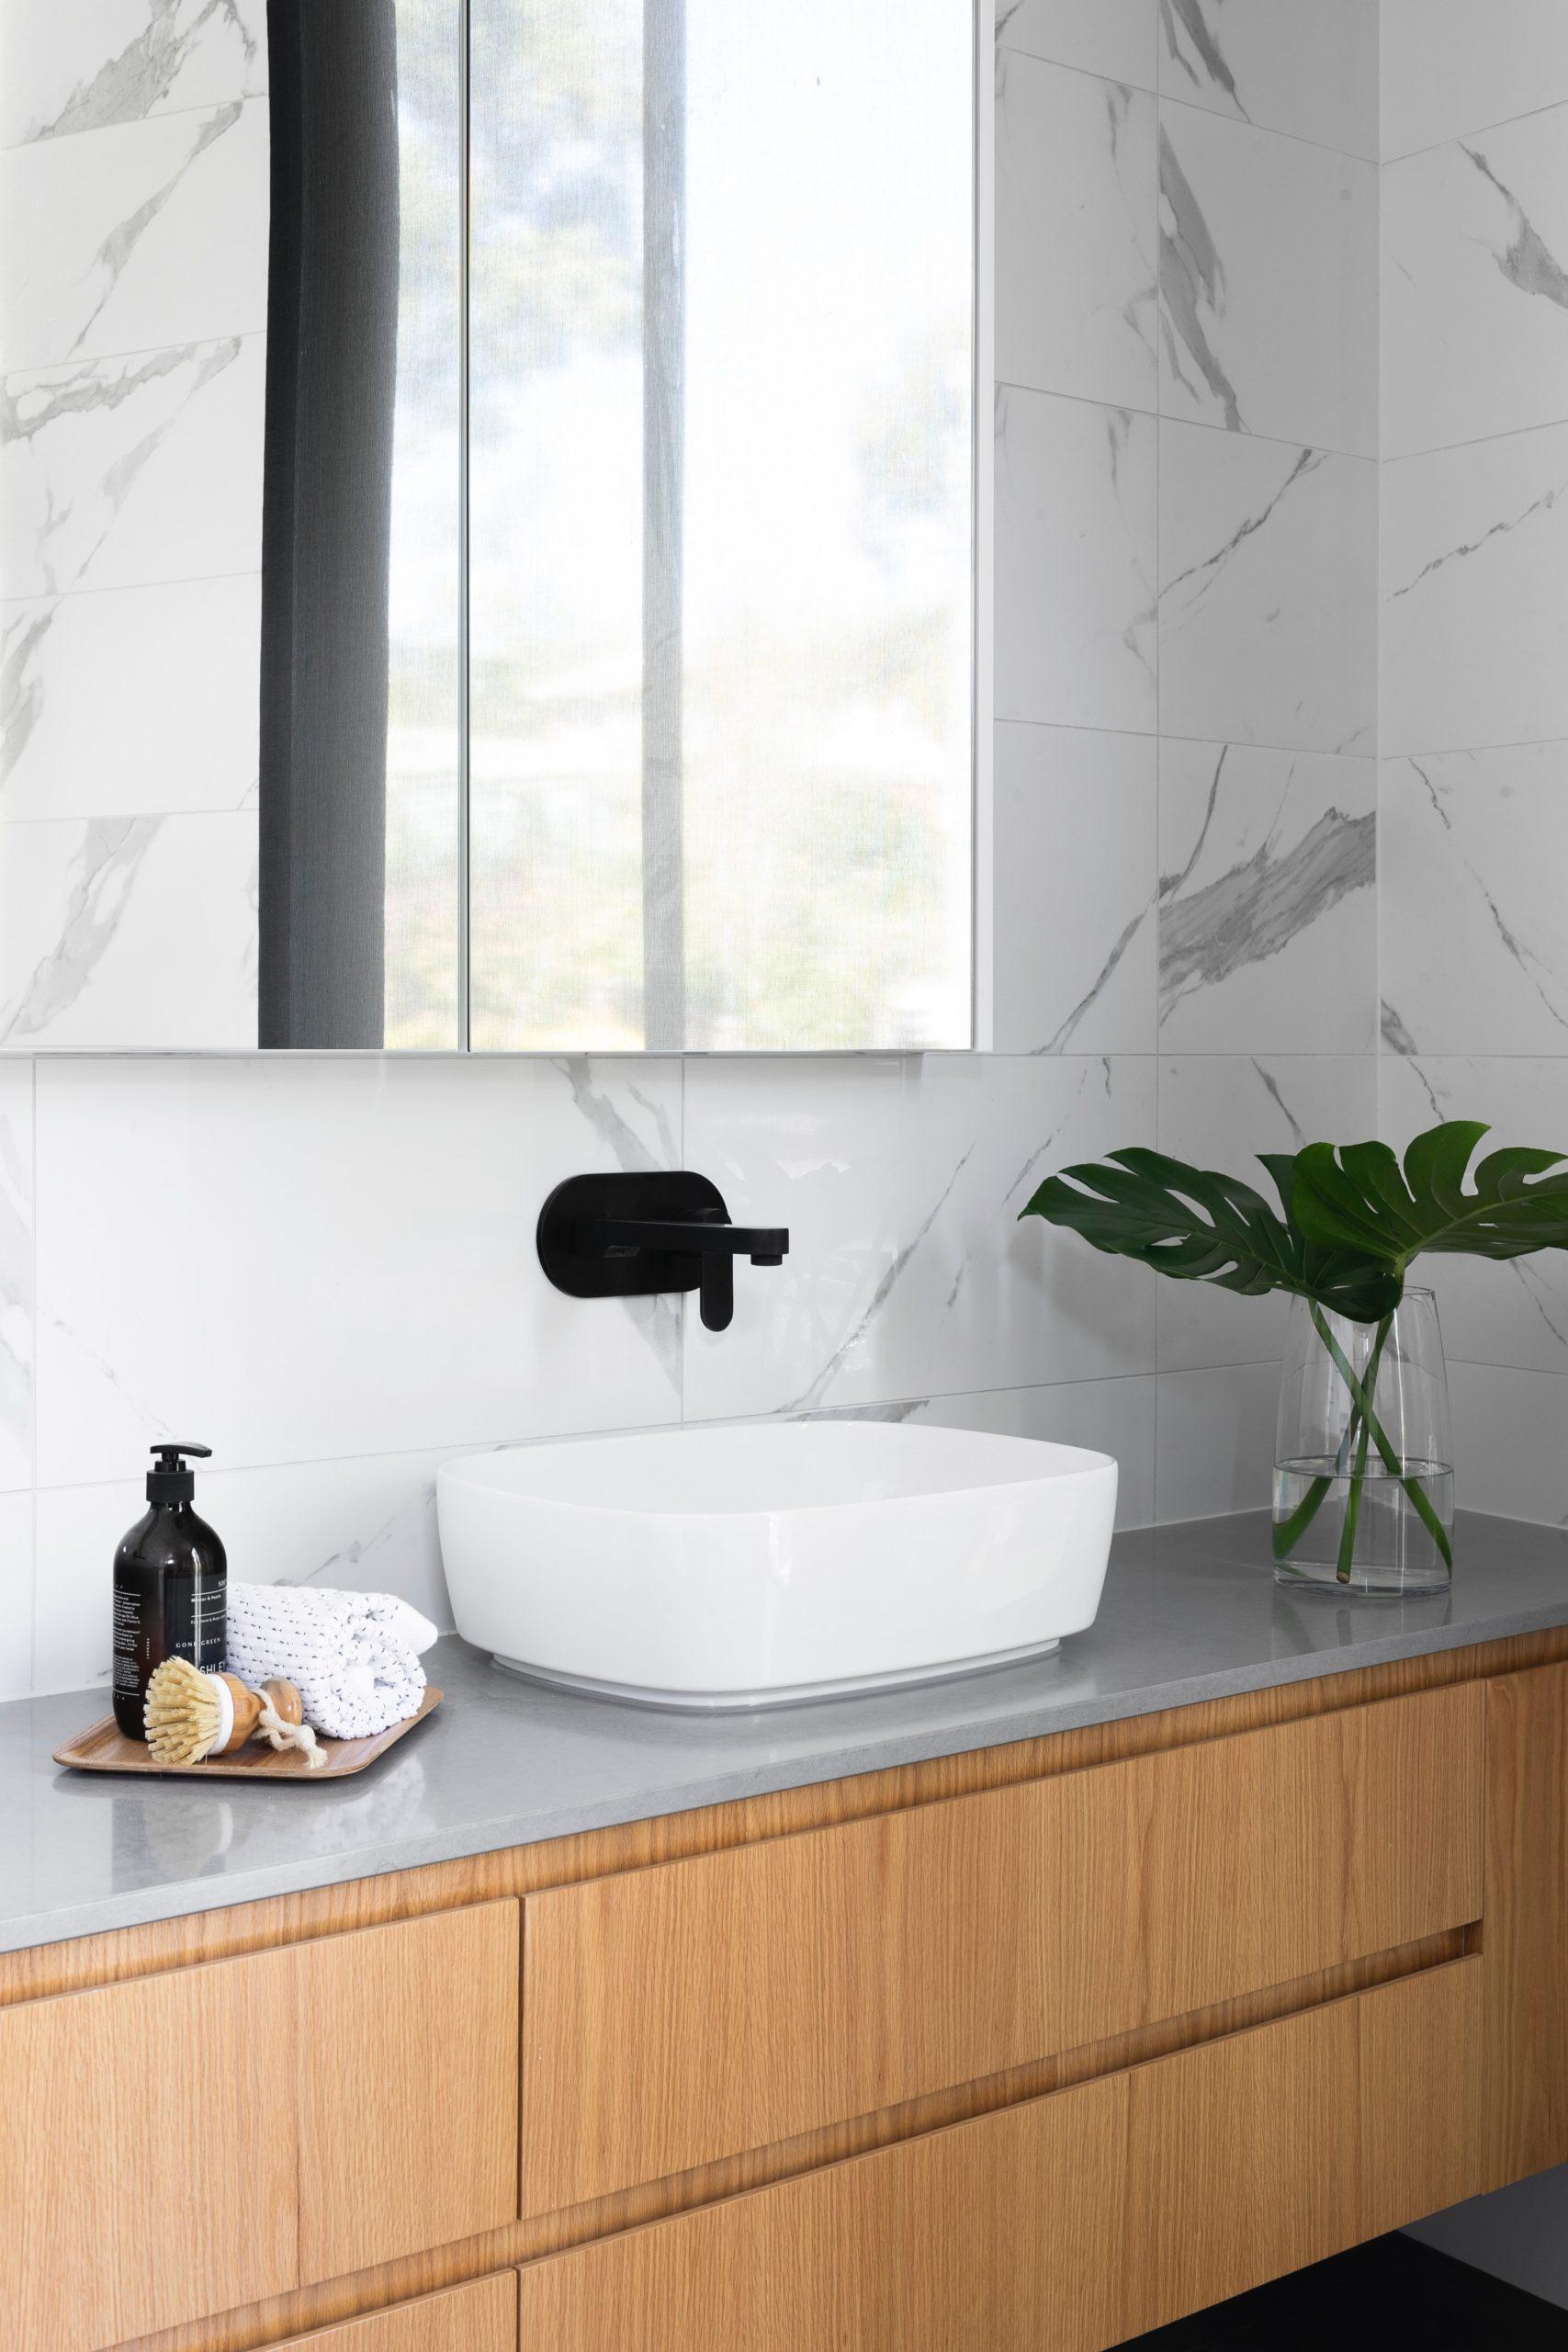 bathroom countertop with top mount sink